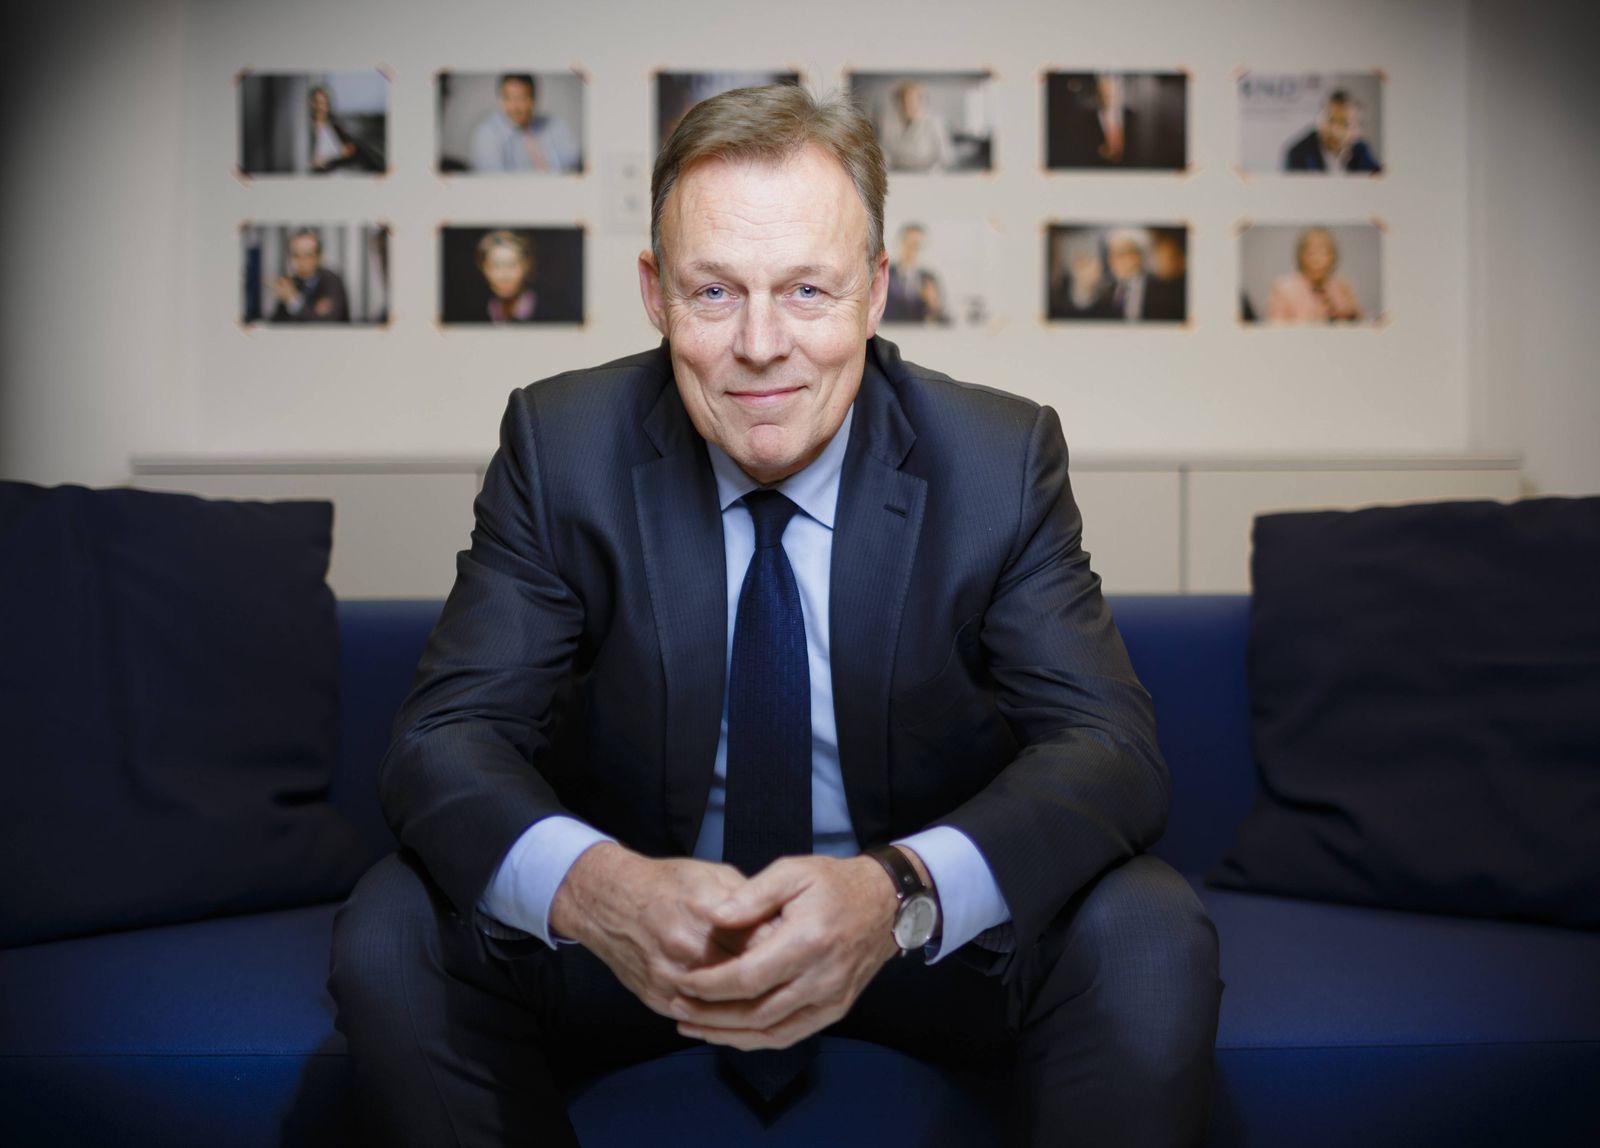 Thomas Oppermann, SPD Fraktionsvorsitzender, posiert fuer ein Foto. Berlin, 17.01.2016. Berlin Deutschland PUBLICATIONx